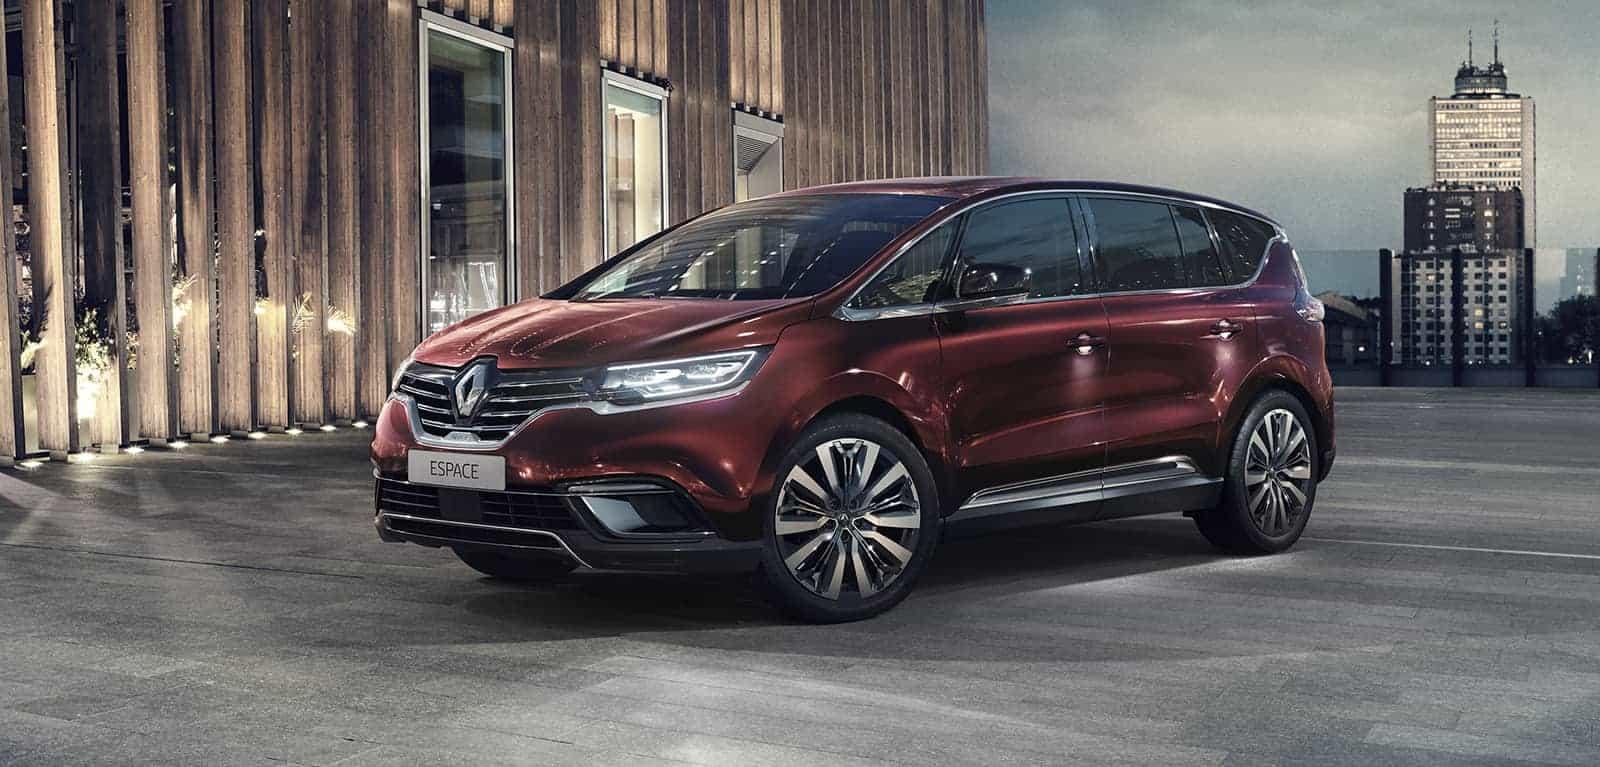 Descubre el renting de Renault para particulares